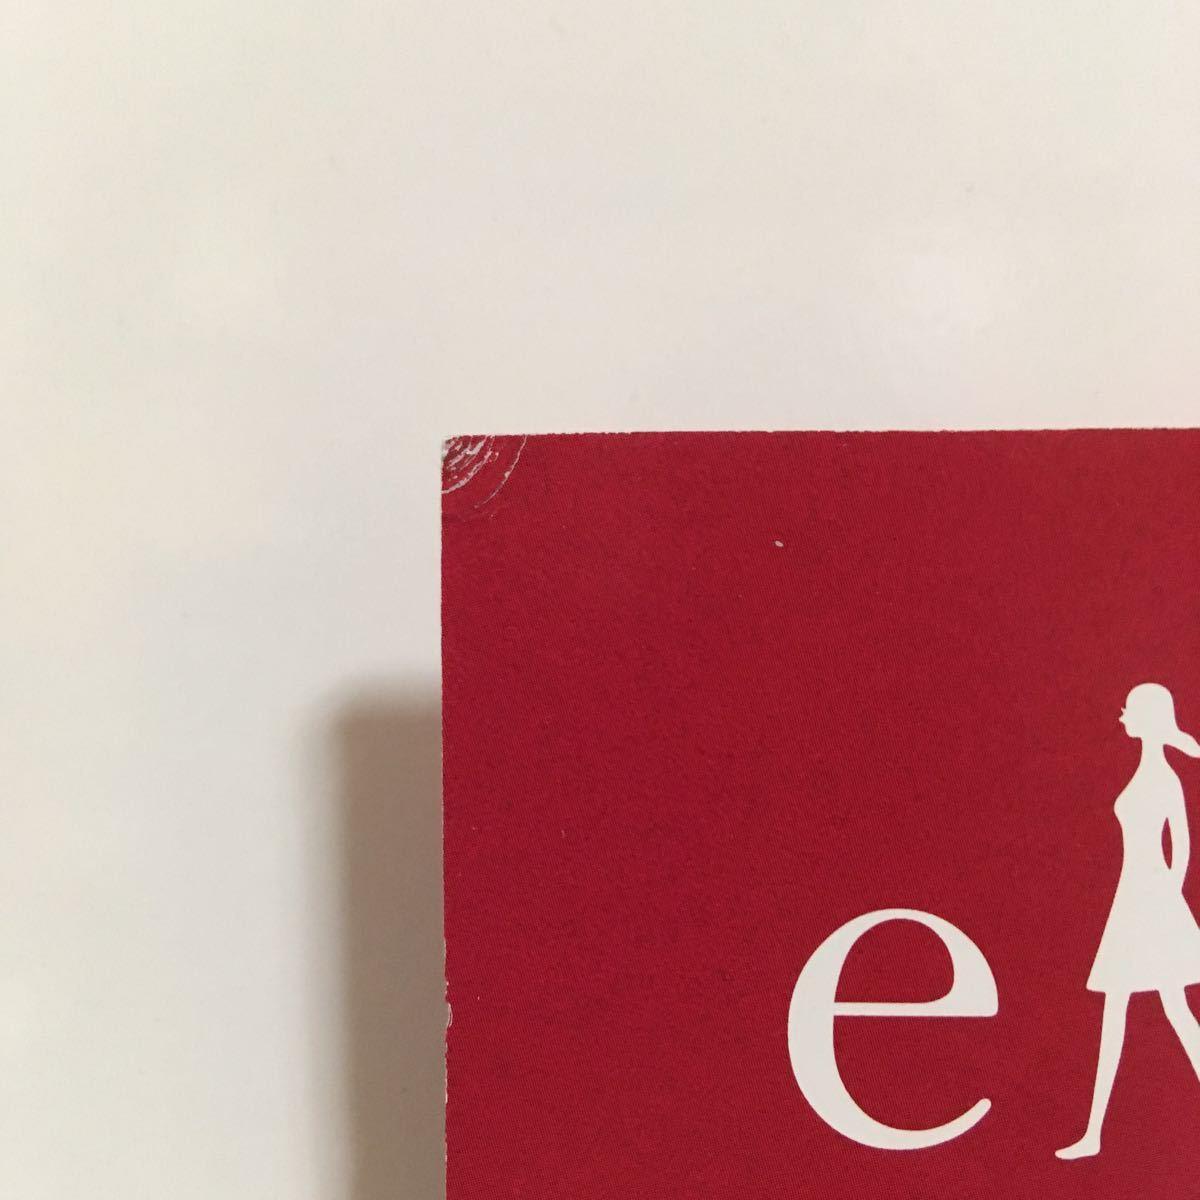 ☆大型ボード 松本穂香 エリス 販促 ポップ パネル 90cm × 44cm_画像6